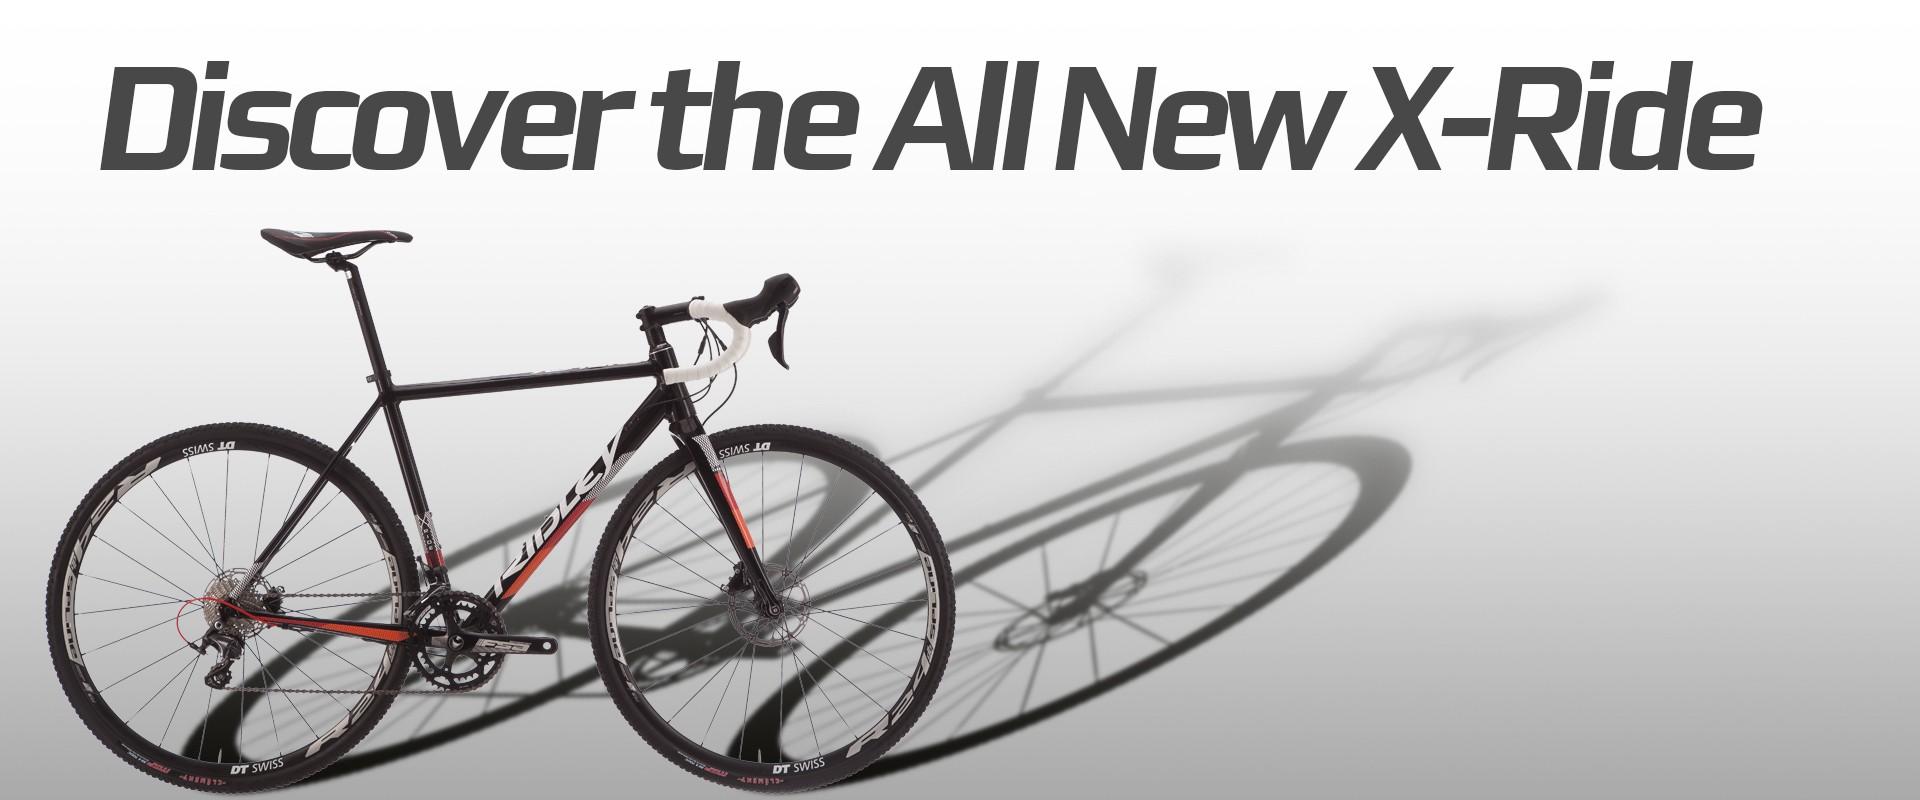 https://www.ridley-bikes.com/es/es